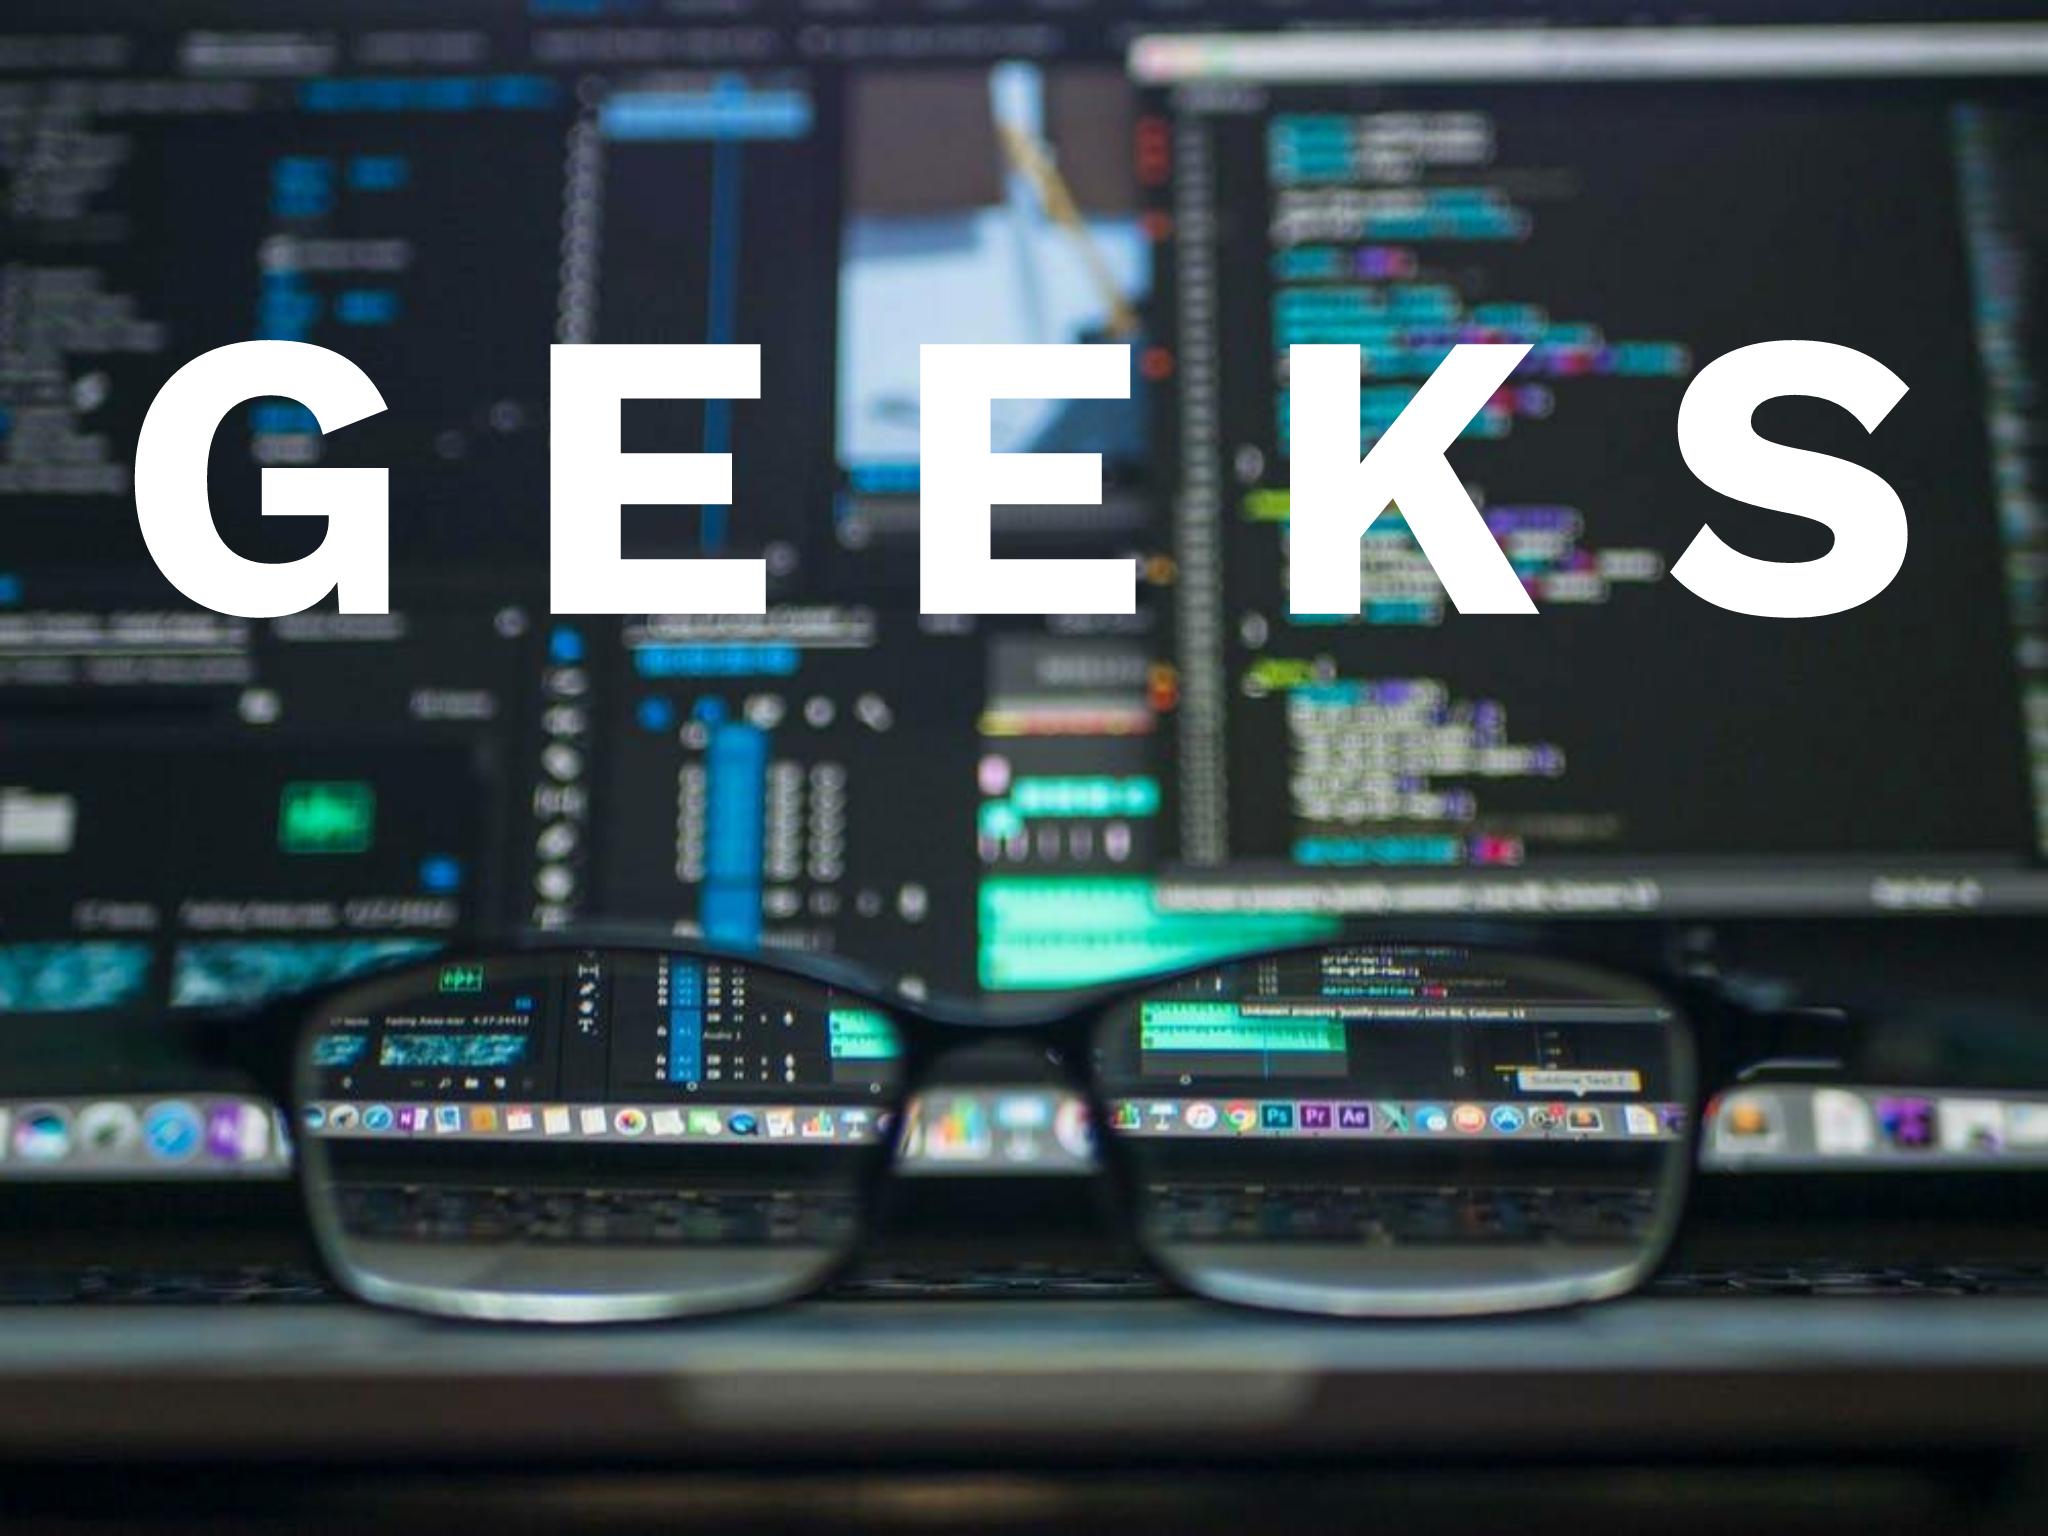 Geeks considerations